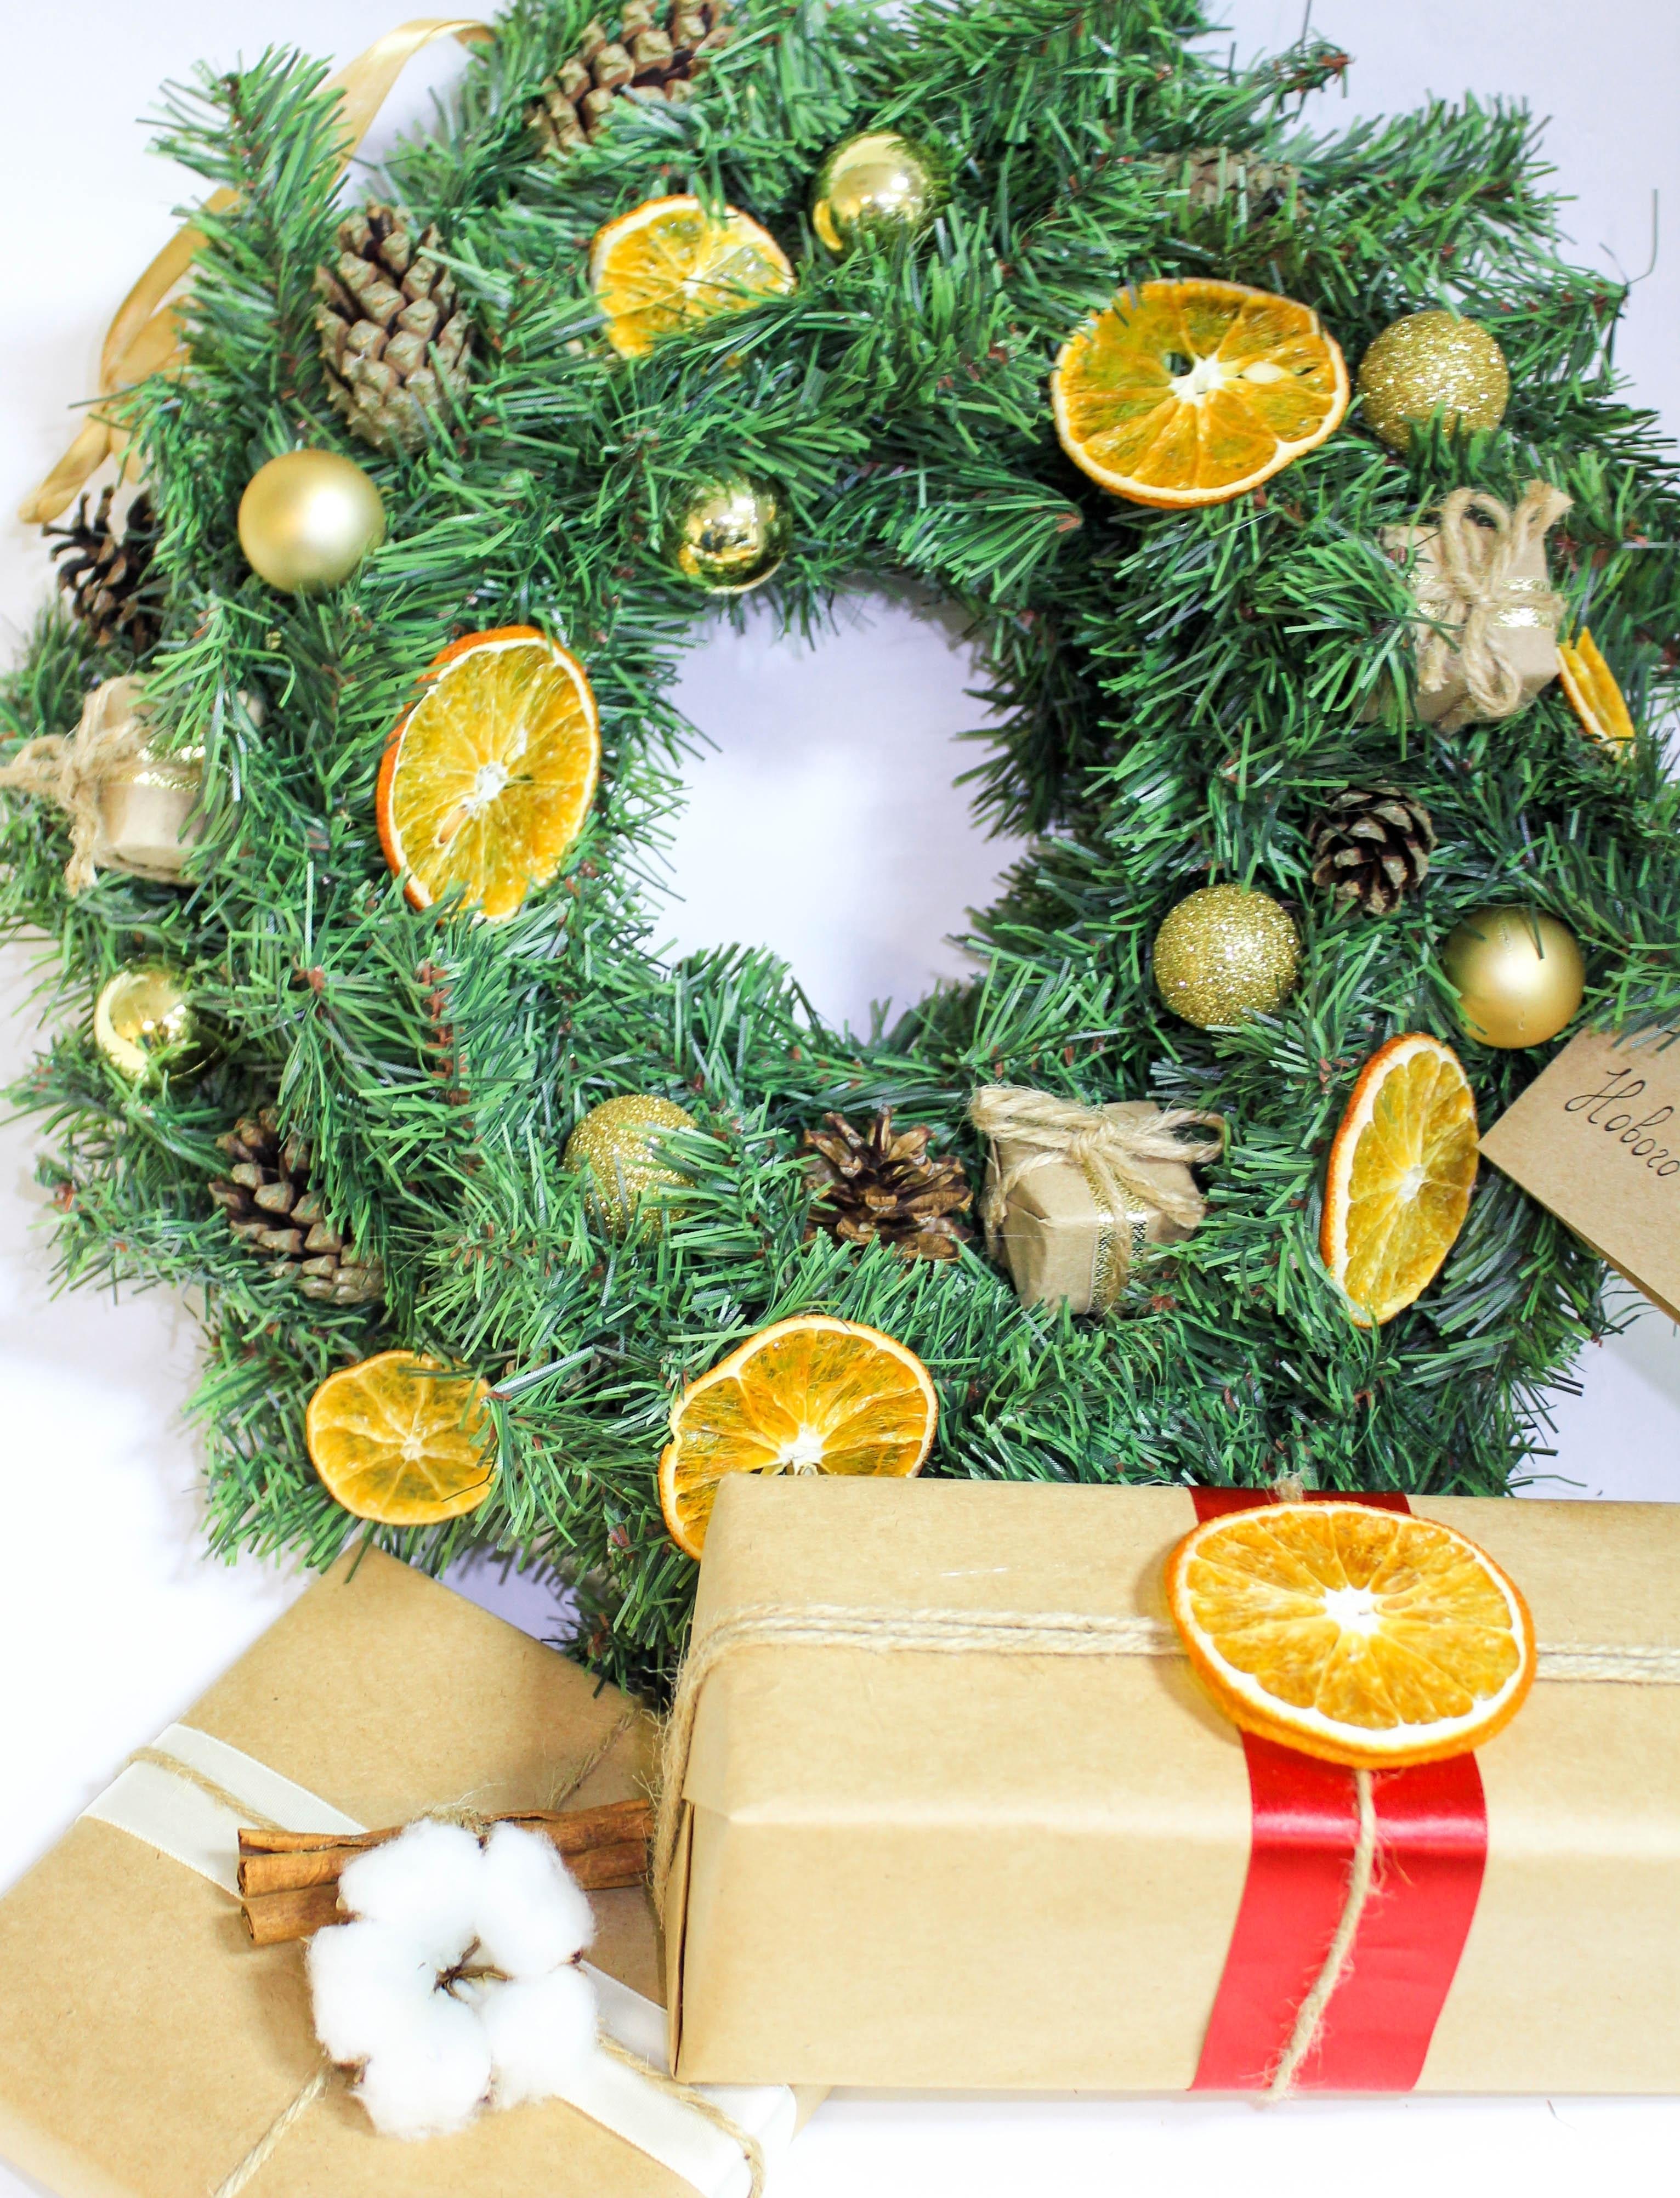 Фирменный рождественский венок от Аромат Кофе сделанный вручную Ольгой Ларичевой